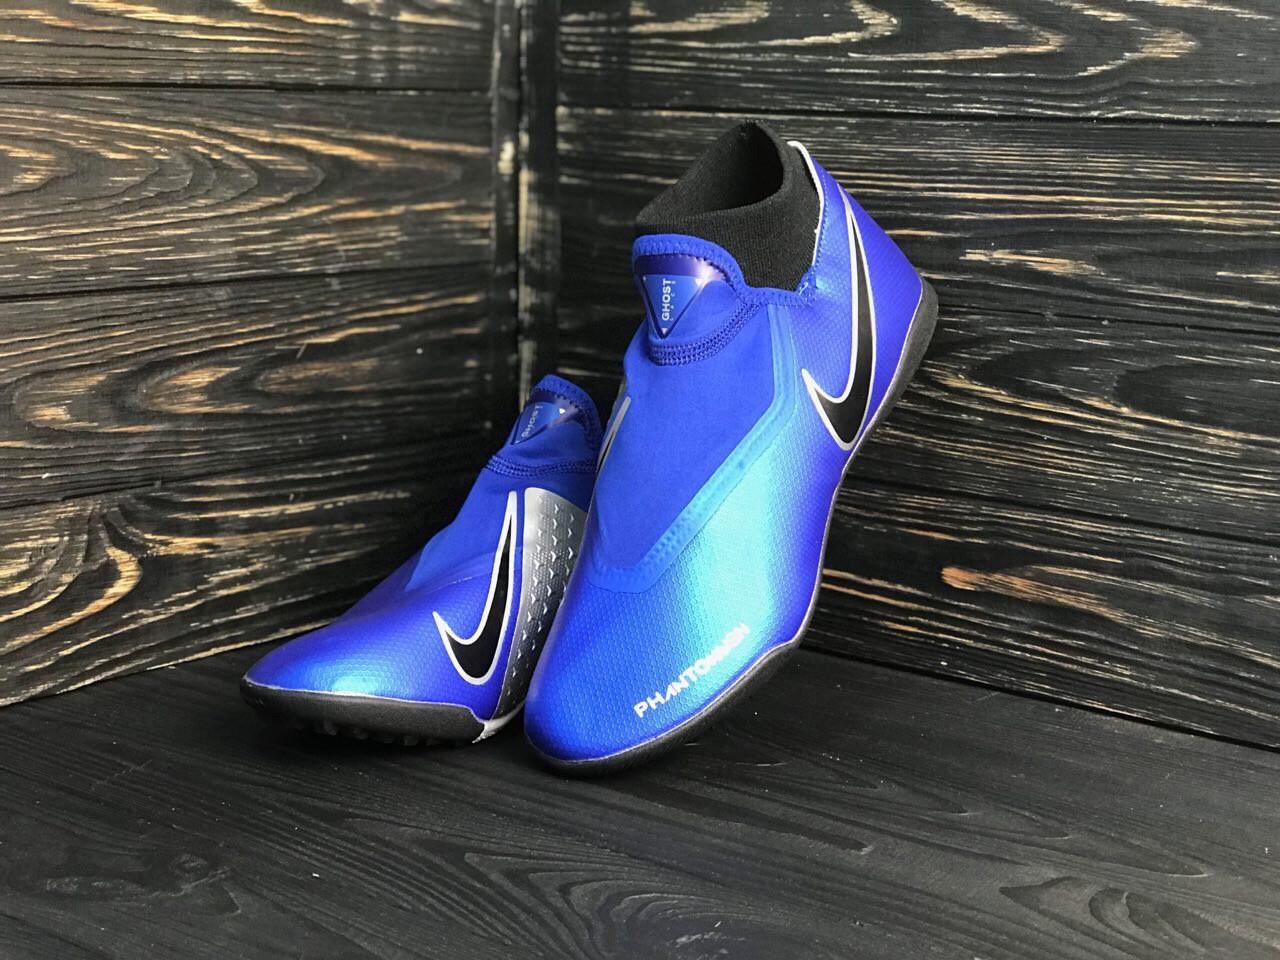 Сороконожки футбольные Nike Phantom VSN с носком синие 1141 (реплика)